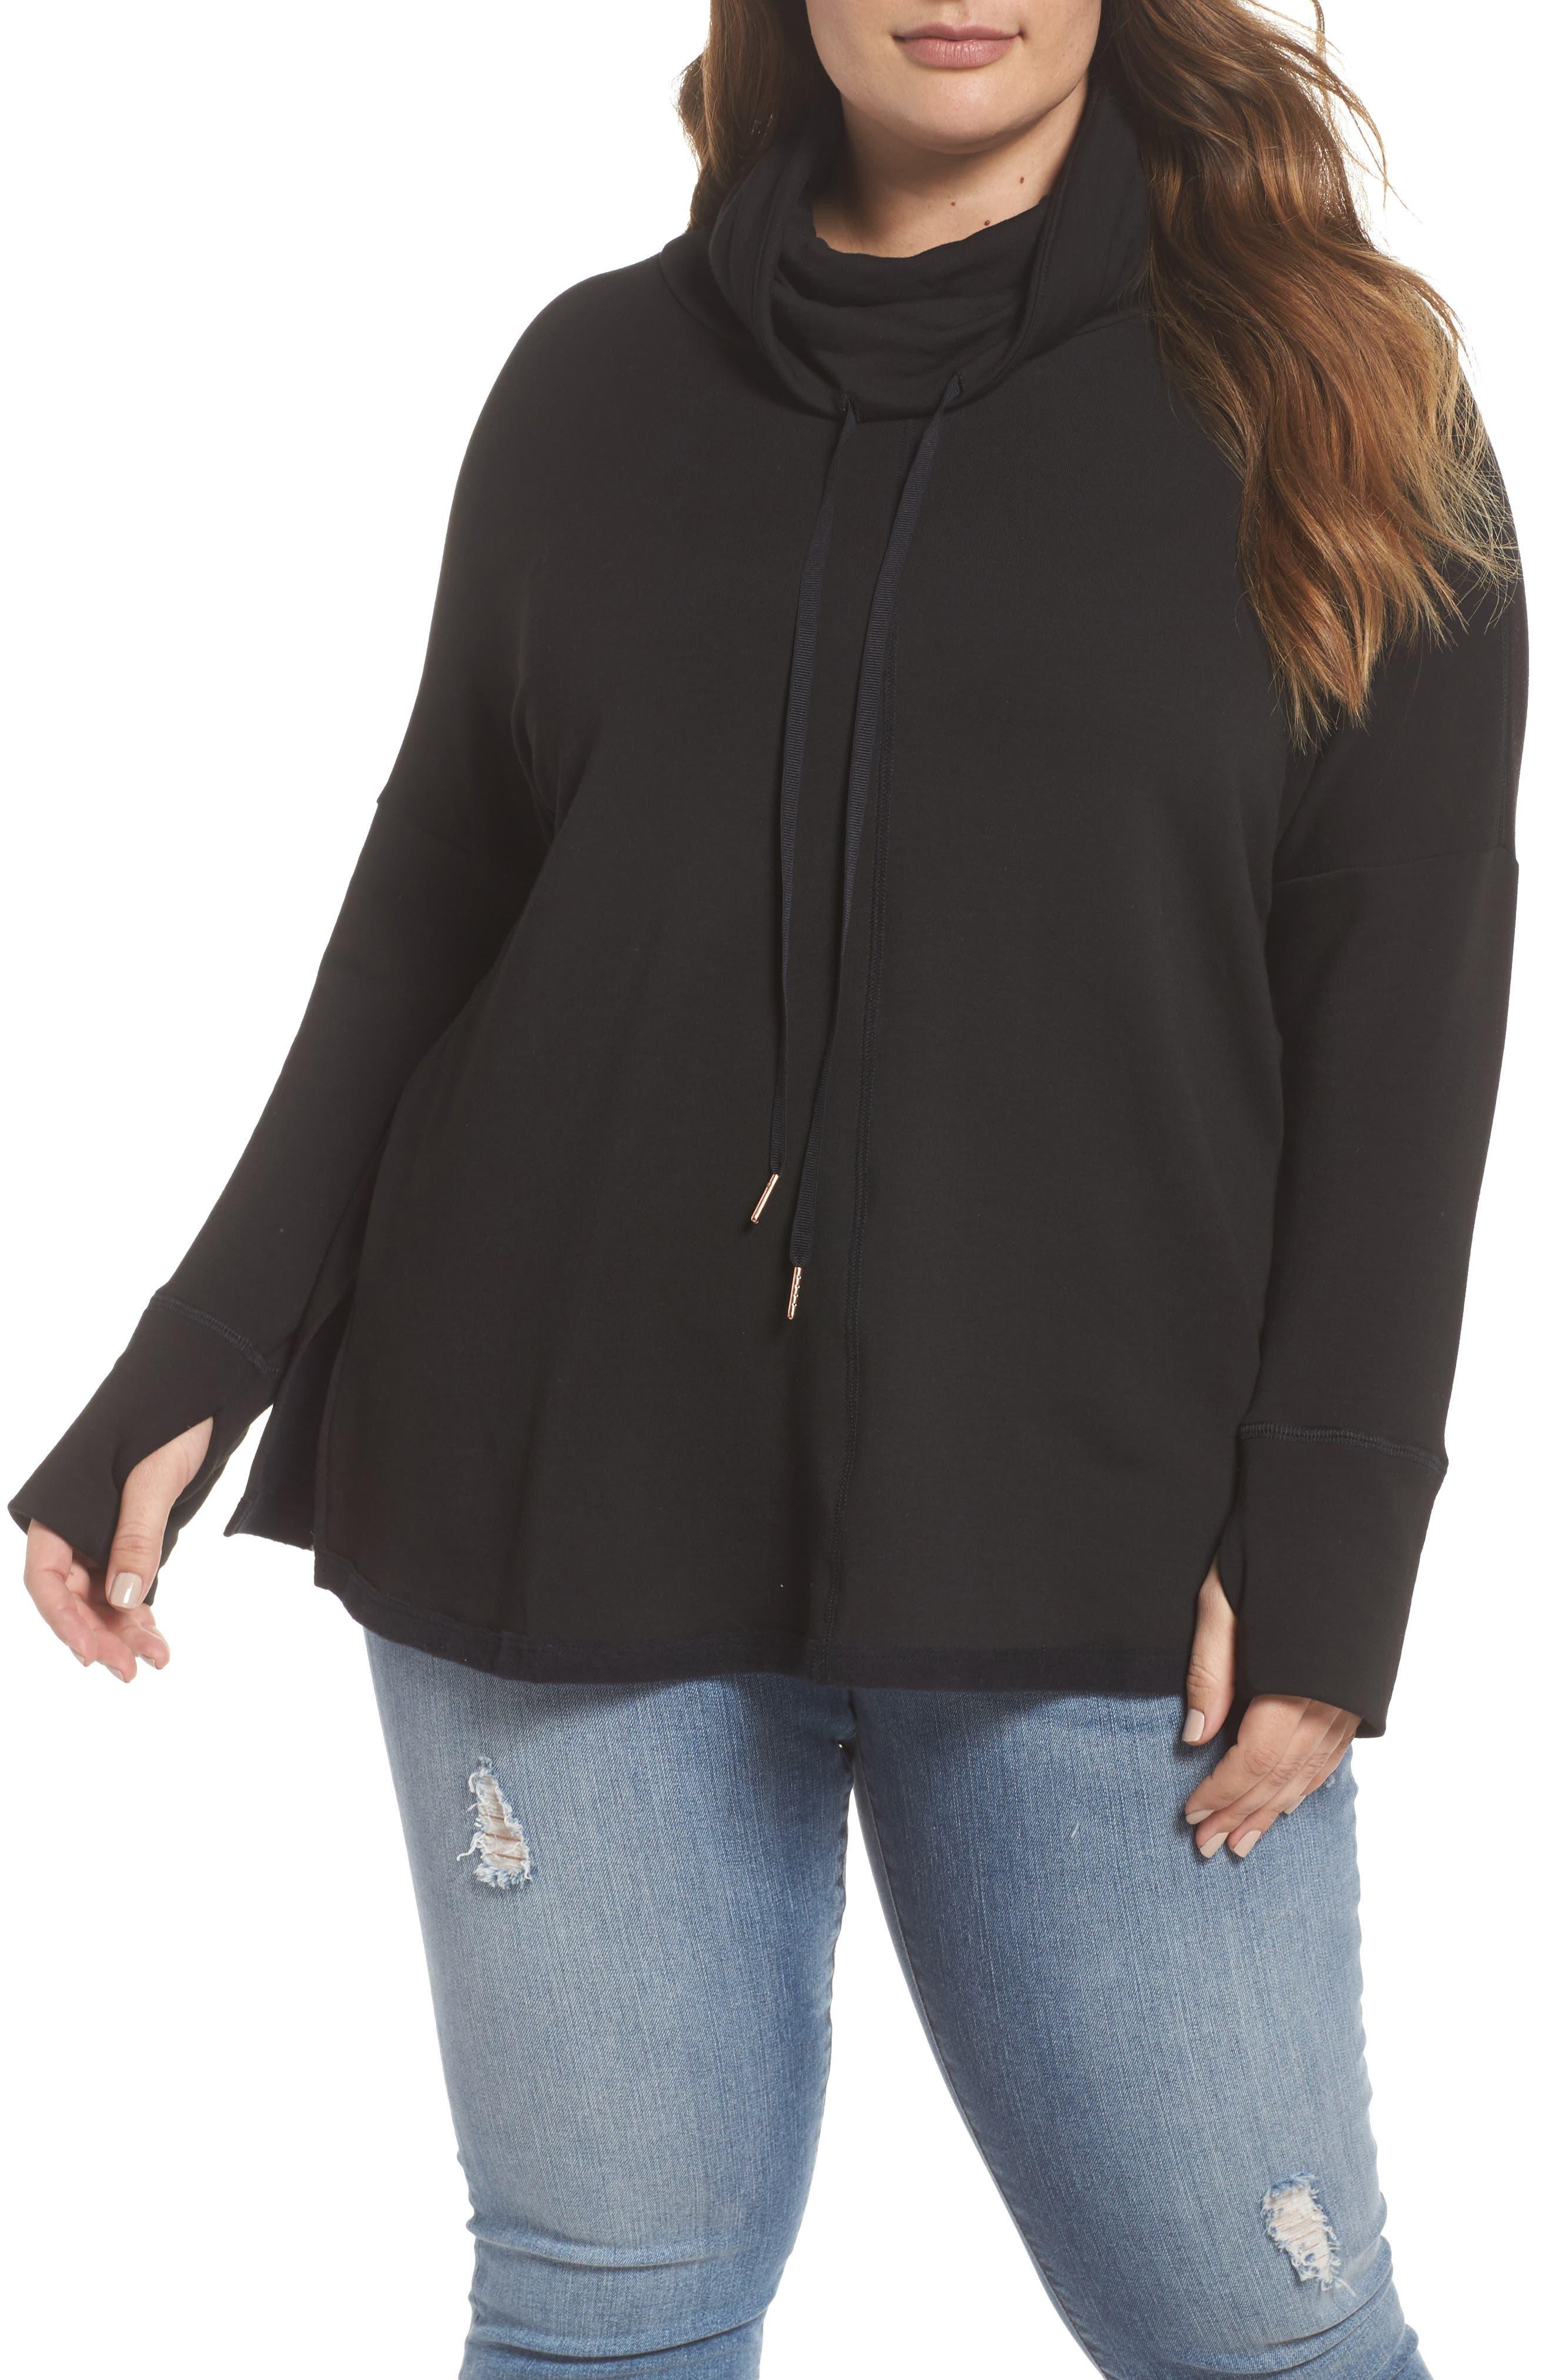 Caslon® Off Duty Funnel Neck Sweatshirt